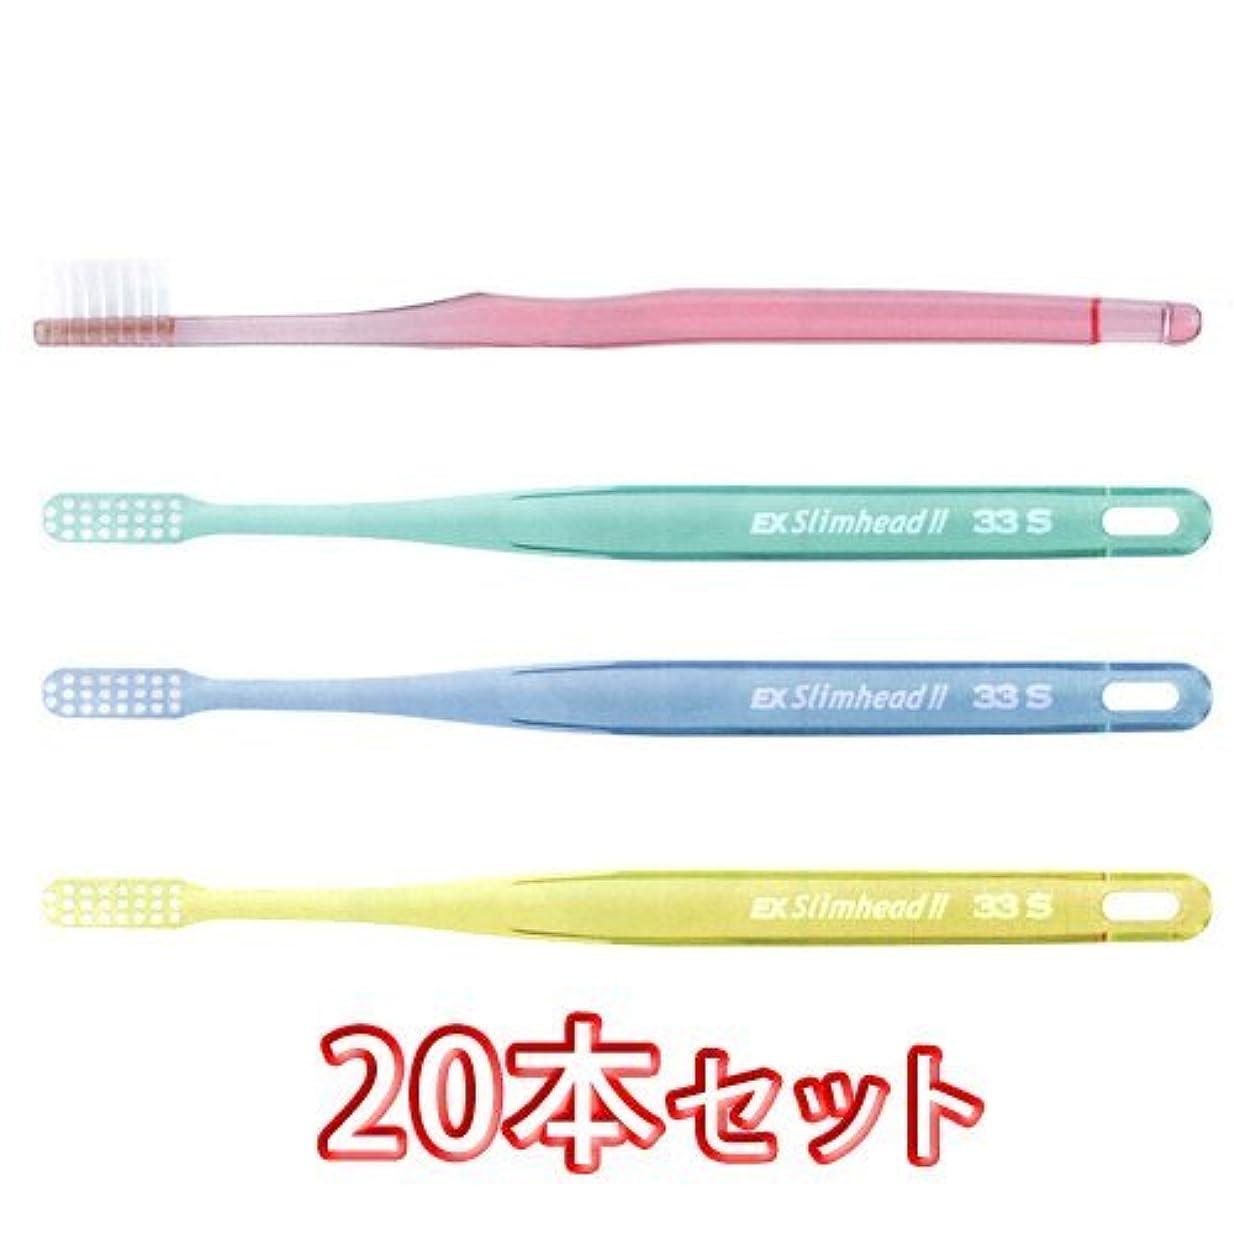 うぬぼれエンドウユニークなライオン スリムヘッド2 歯ブラシ DENT . EX Slimhead2 20本入 (33S)